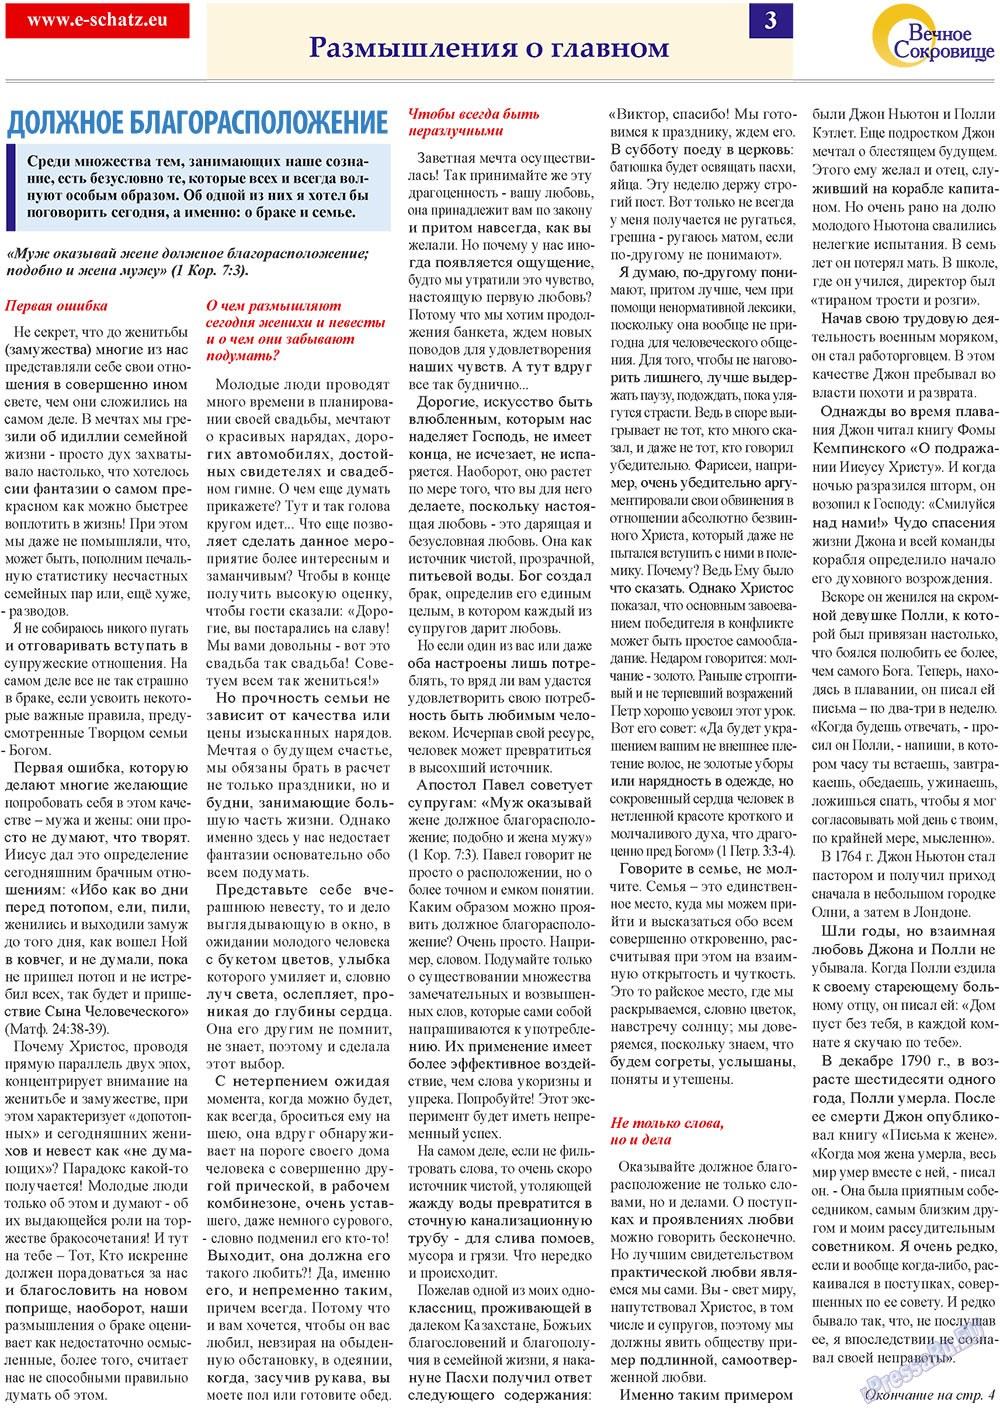 Вечное сокровище (газета). 2010 год, номер 2, стр. 3